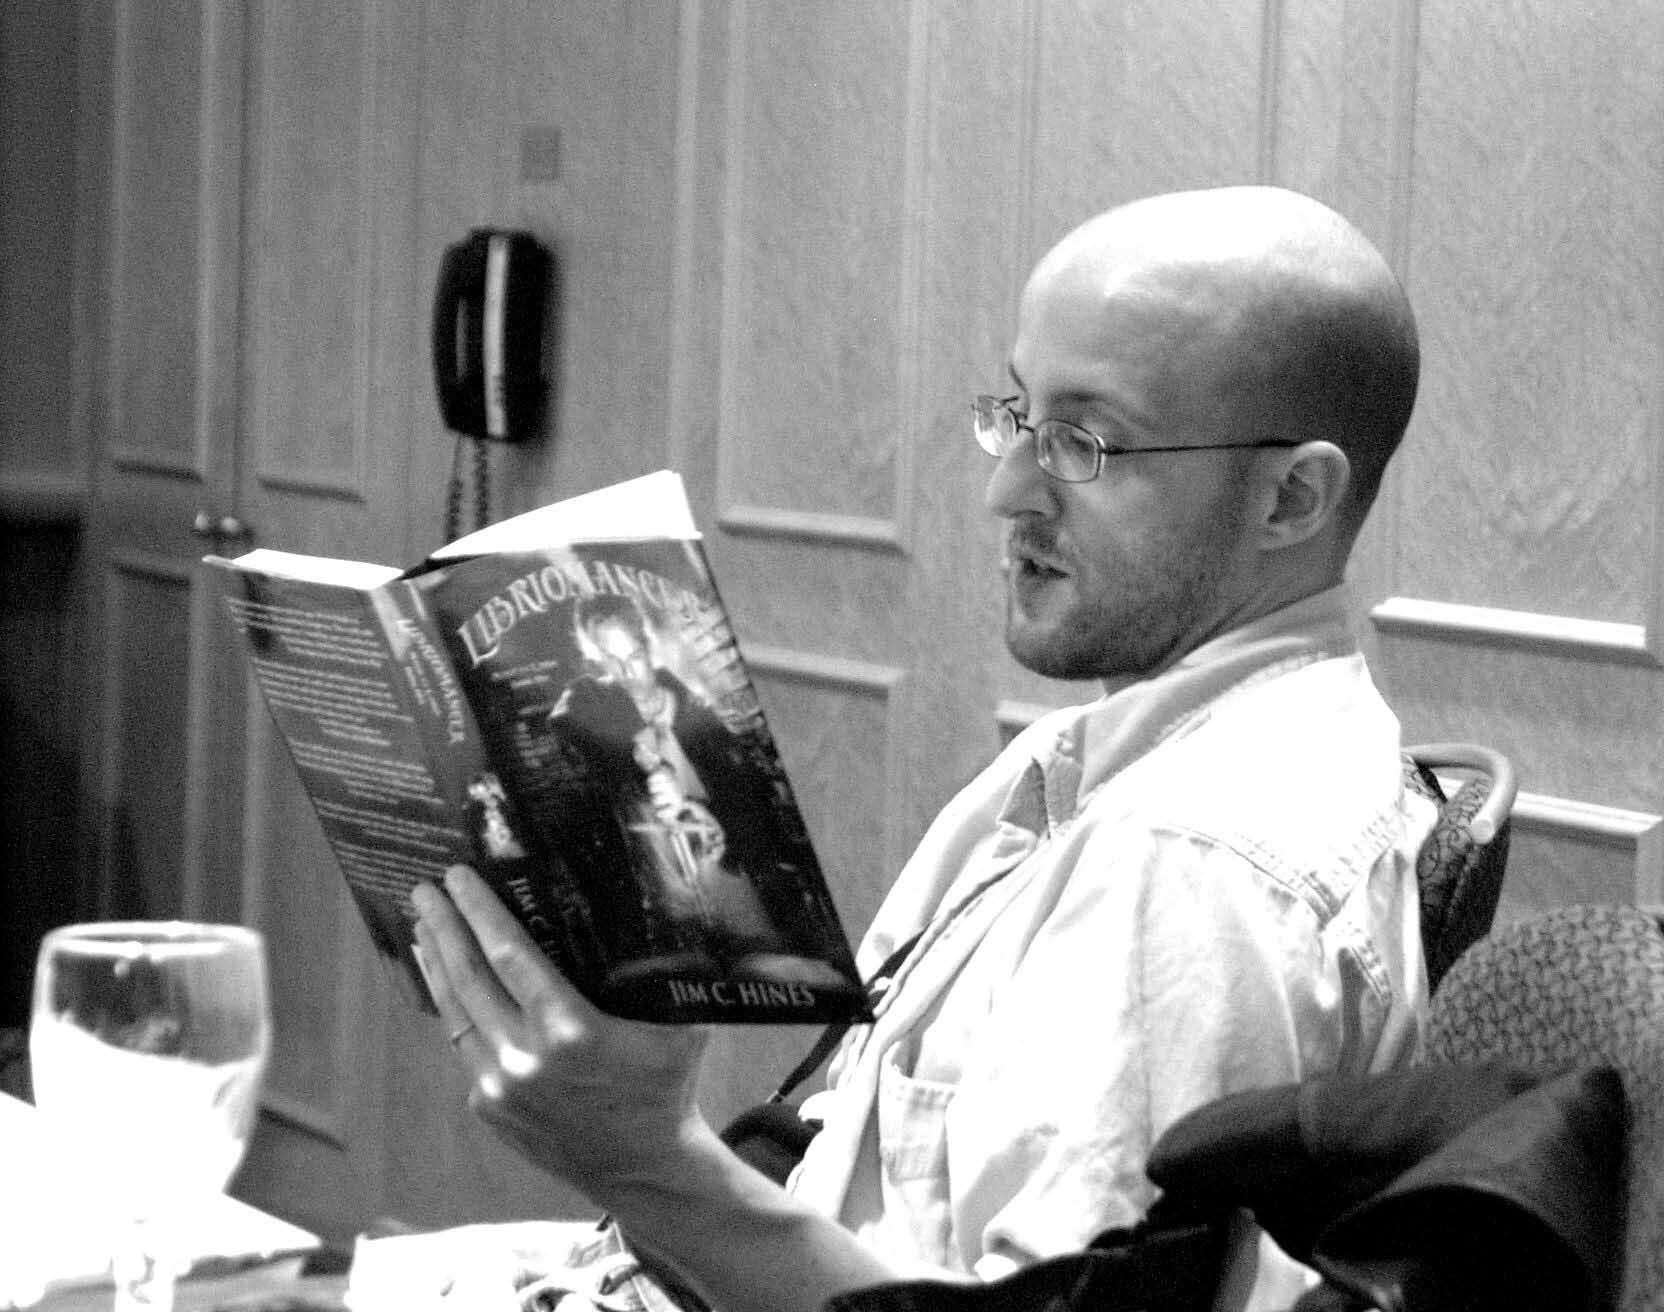 Jim-C-Hines-Reading libriomancer